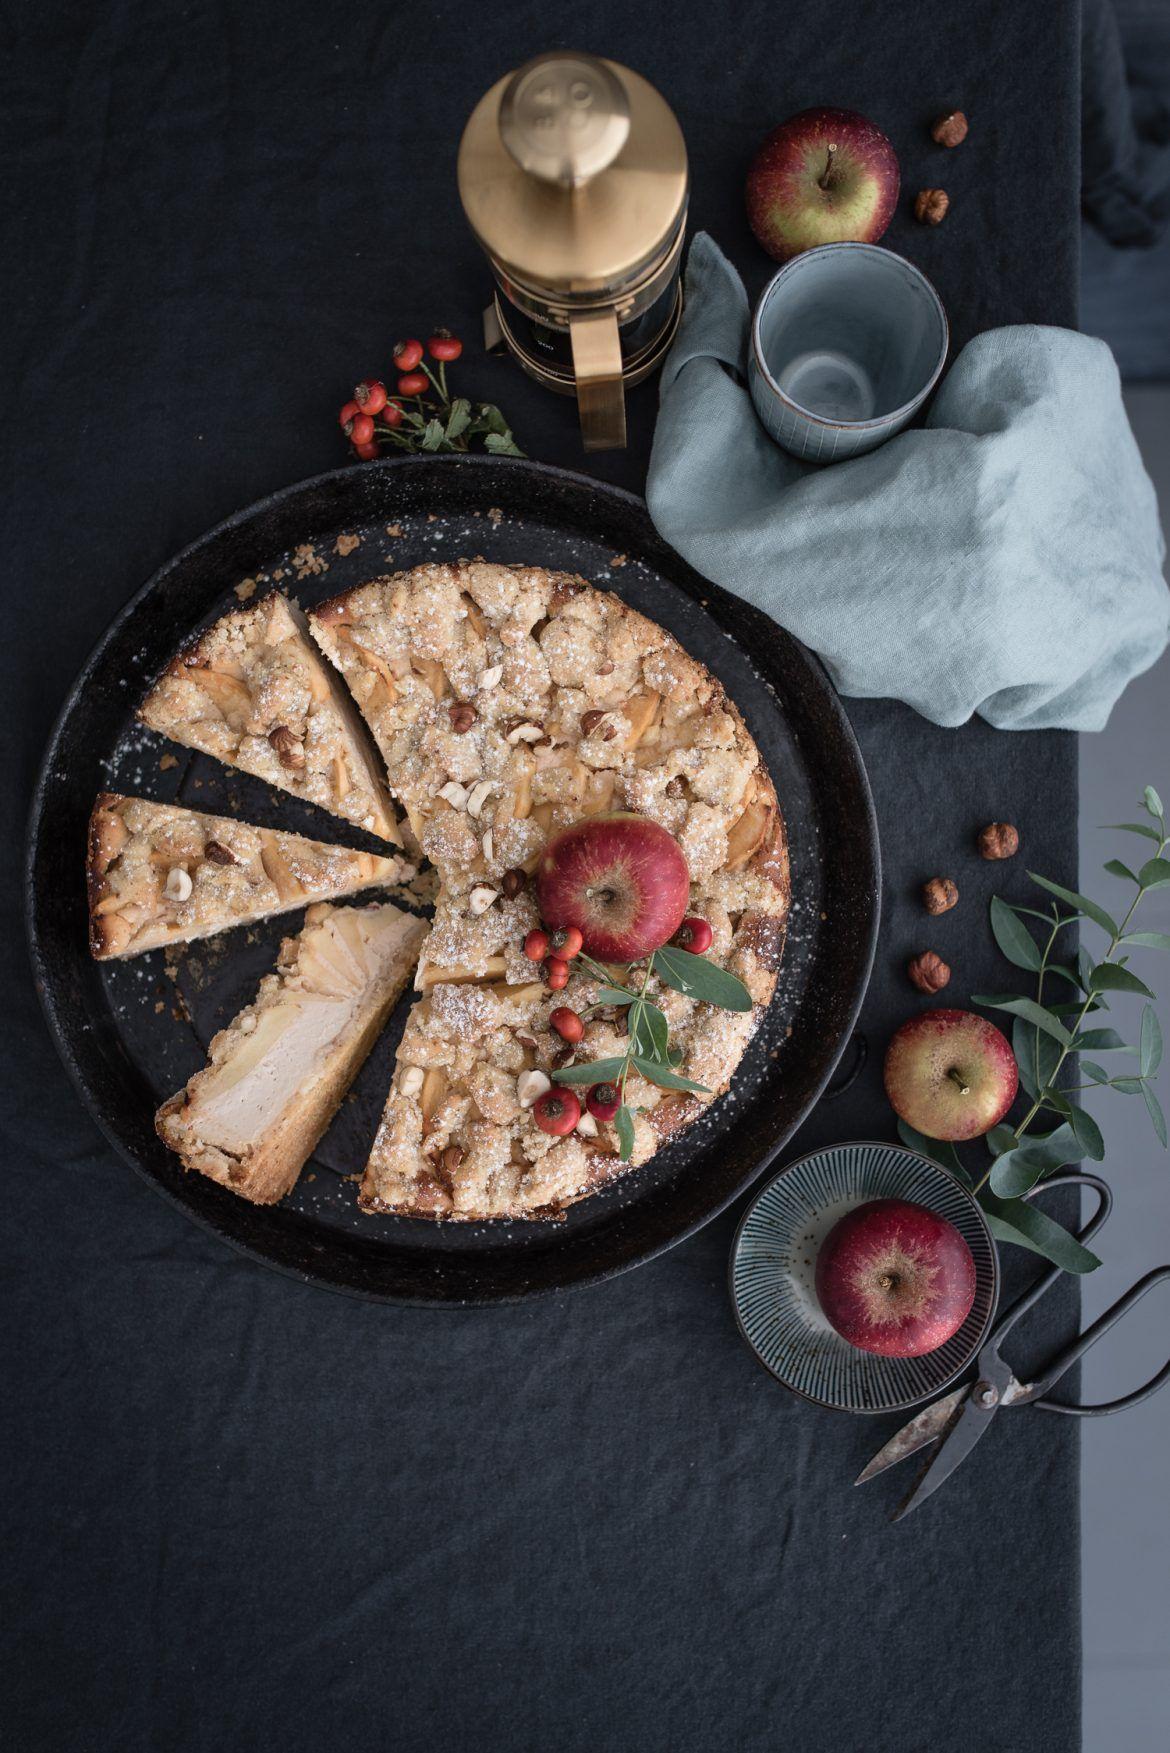 Rezept Fur Ruck Zuck Apfelkuchen Mit Quarkfullung Nur Ein Teig Fur